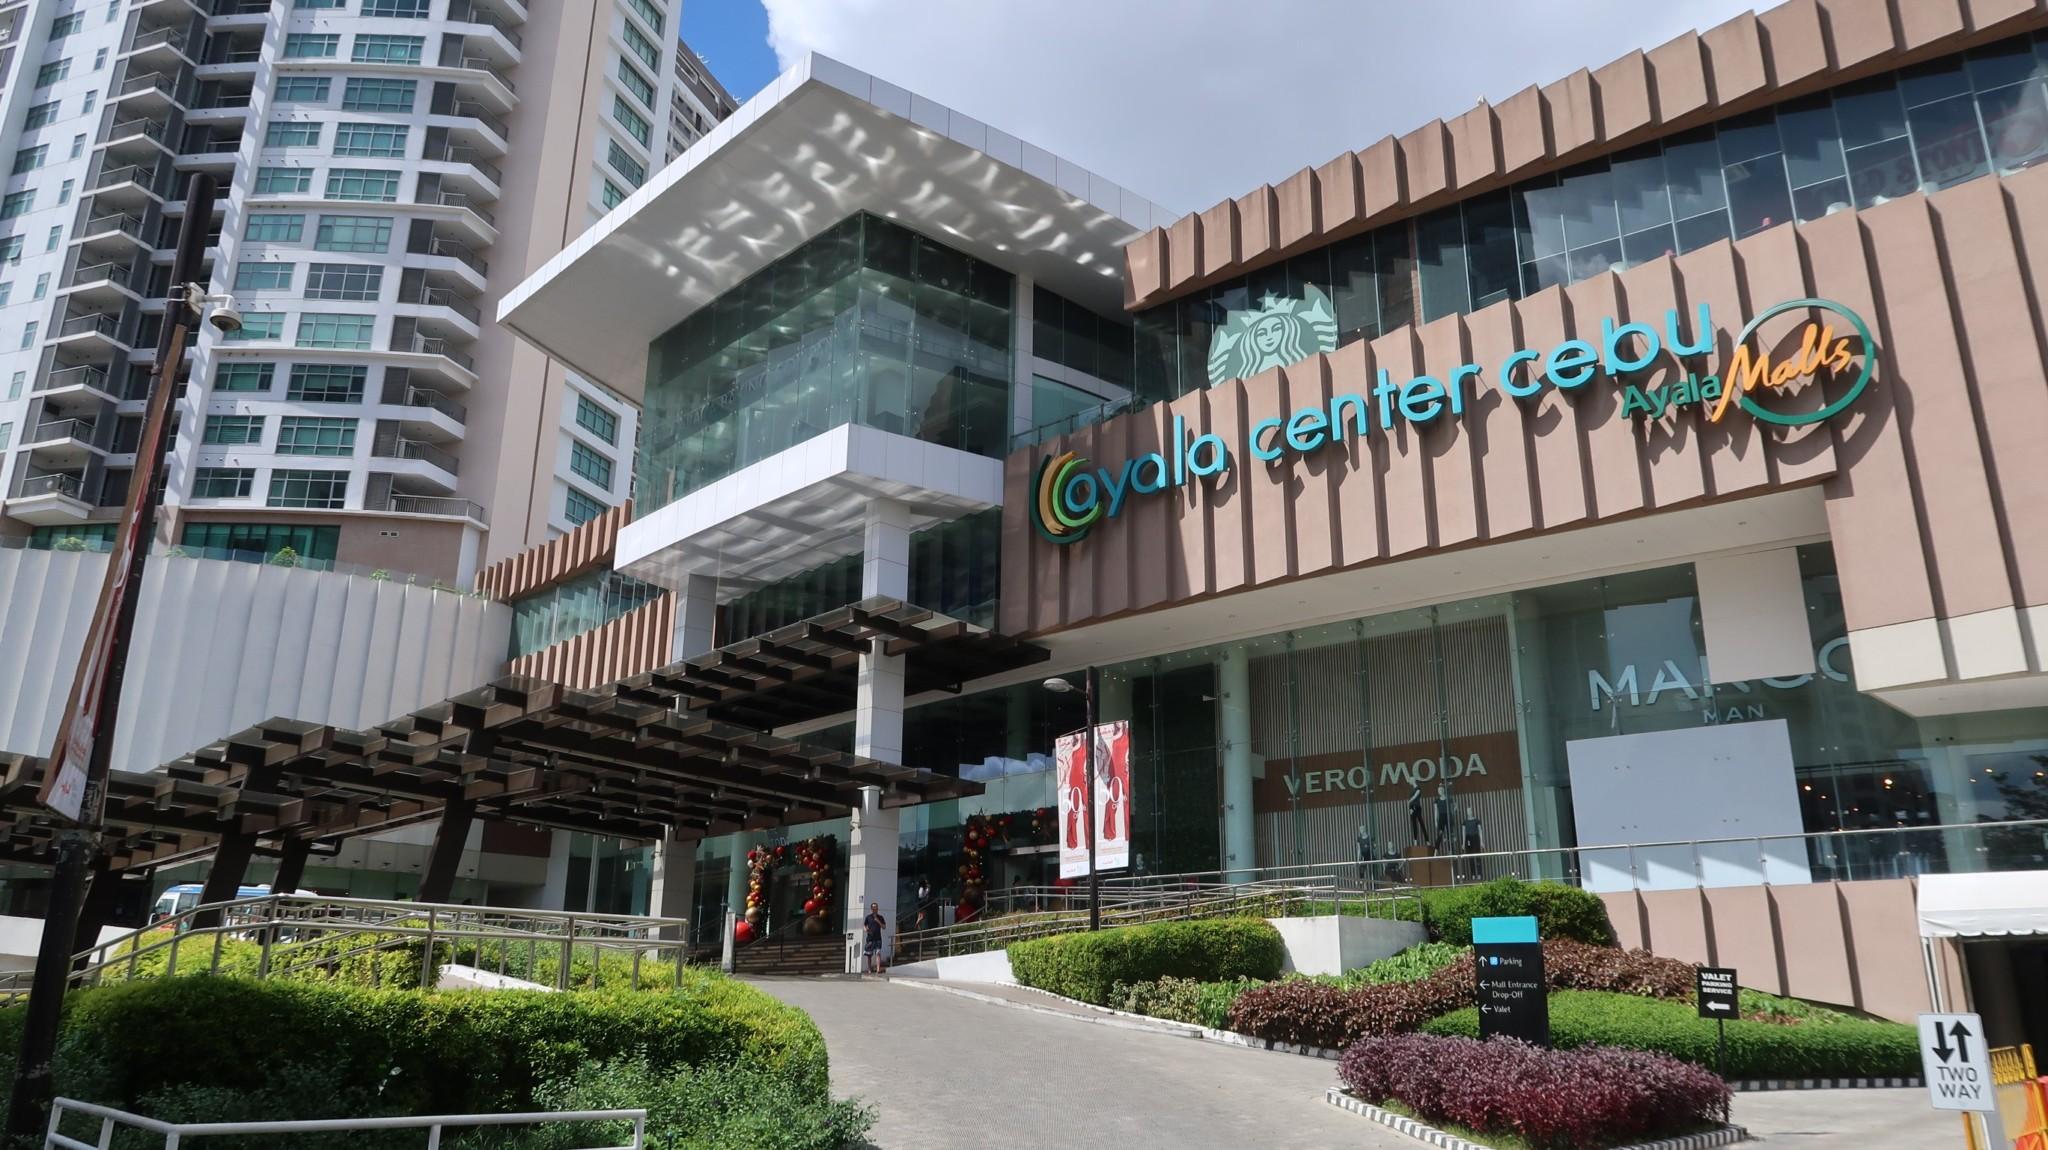 Ayala Mall Cebu